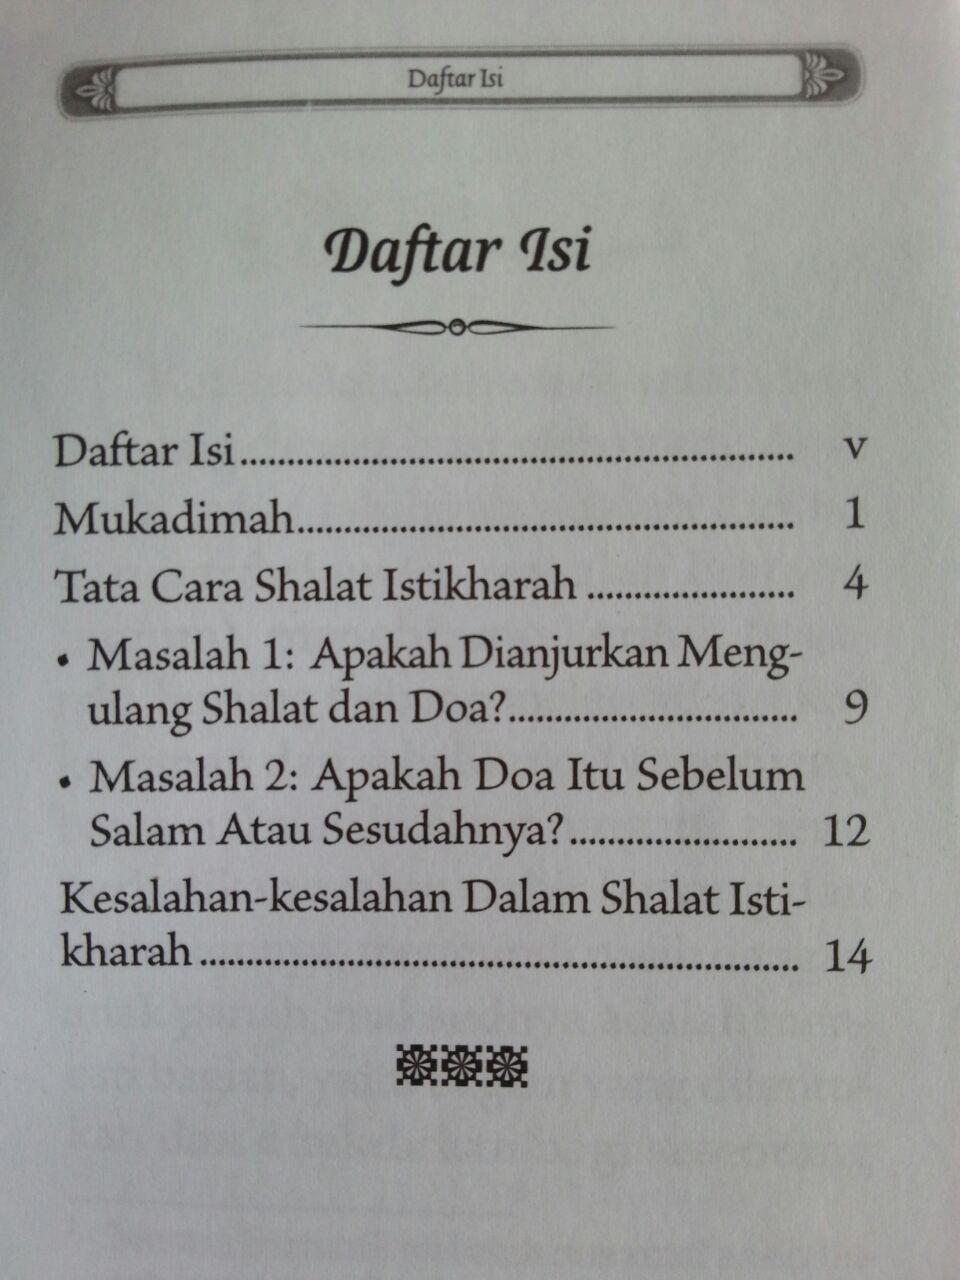 Buku Saku Tuntunan Shalat Istikharah Sesuai Sunnah Nabi isi 3